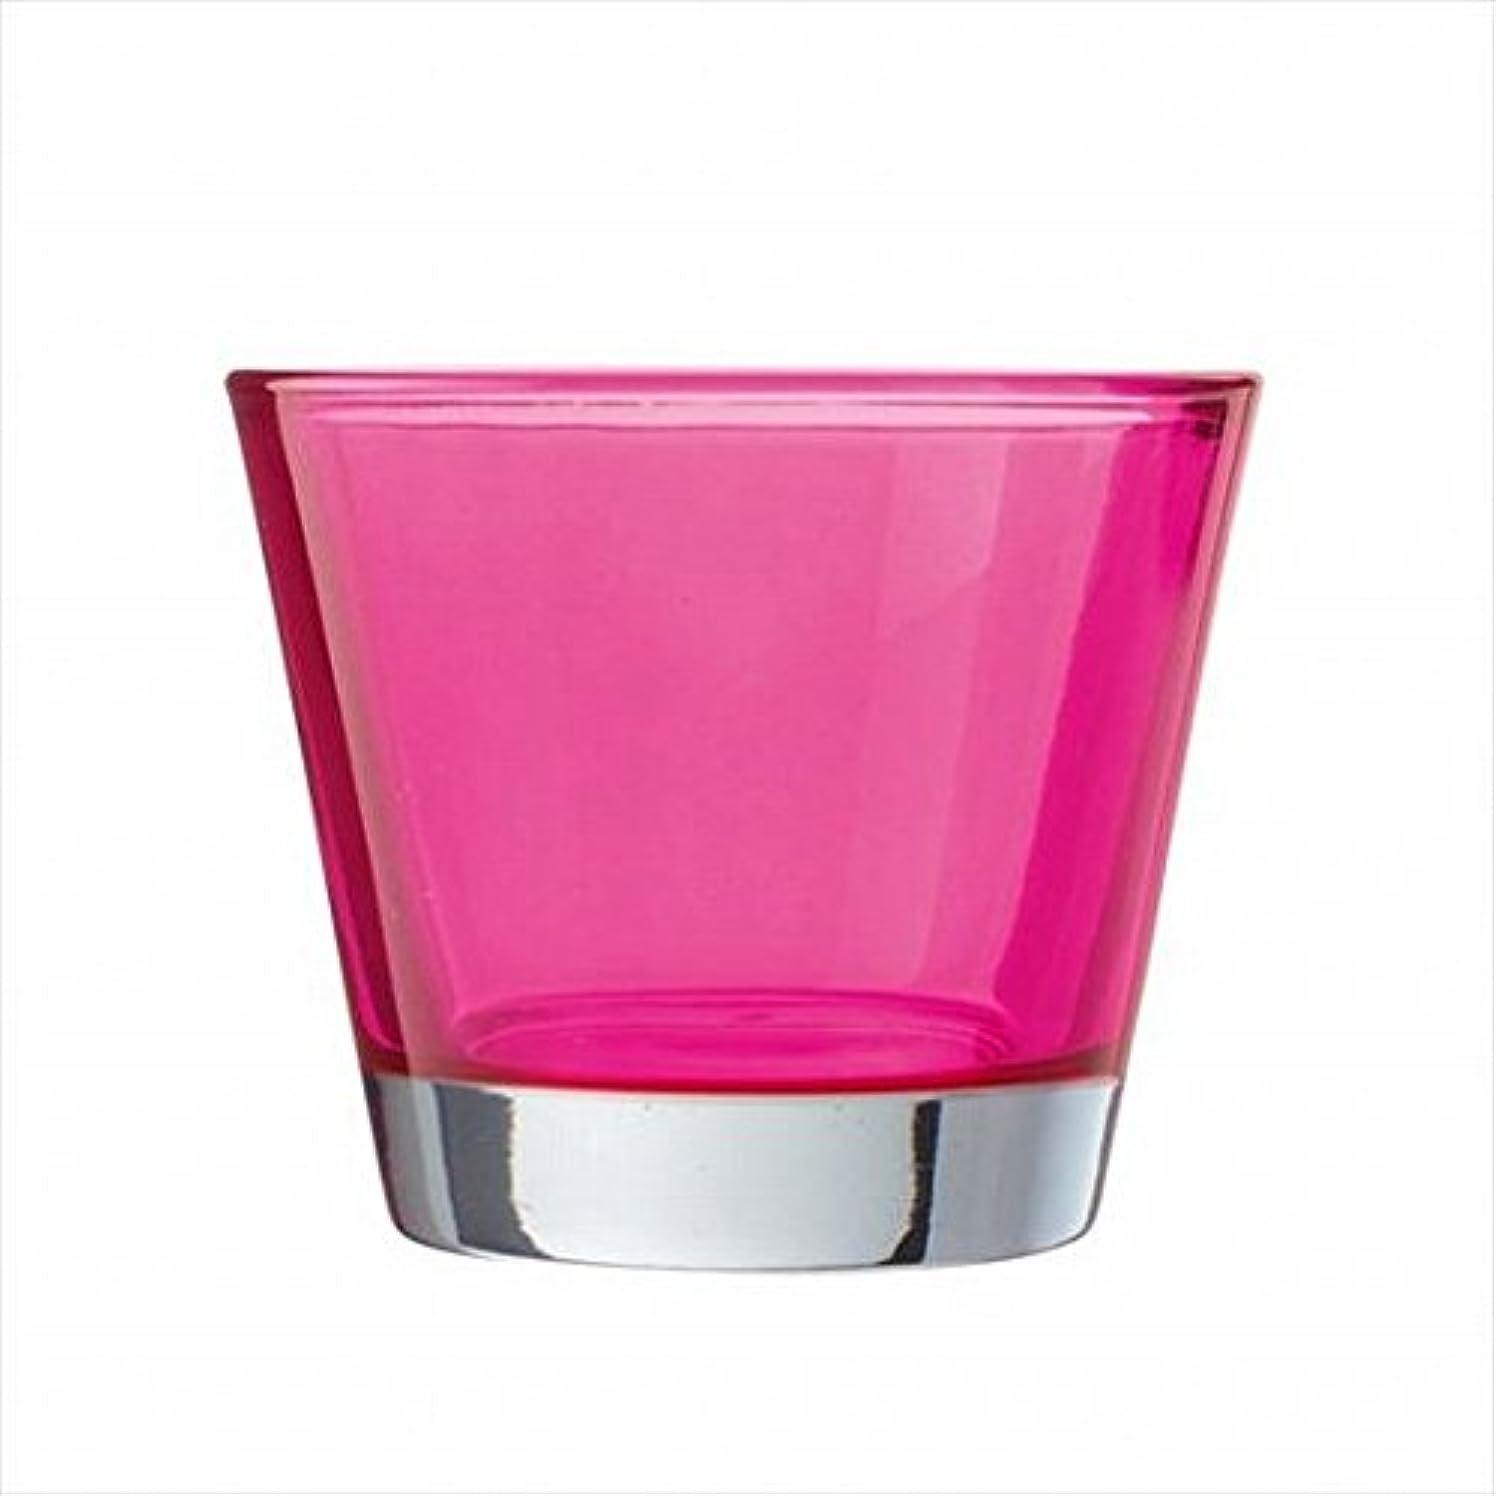 飽和する科学論理的kameyama candle(カメヤマキャンドル) カラリス 「 ピンク 」 キャンドル 82x82x70mm (J2540000PK)